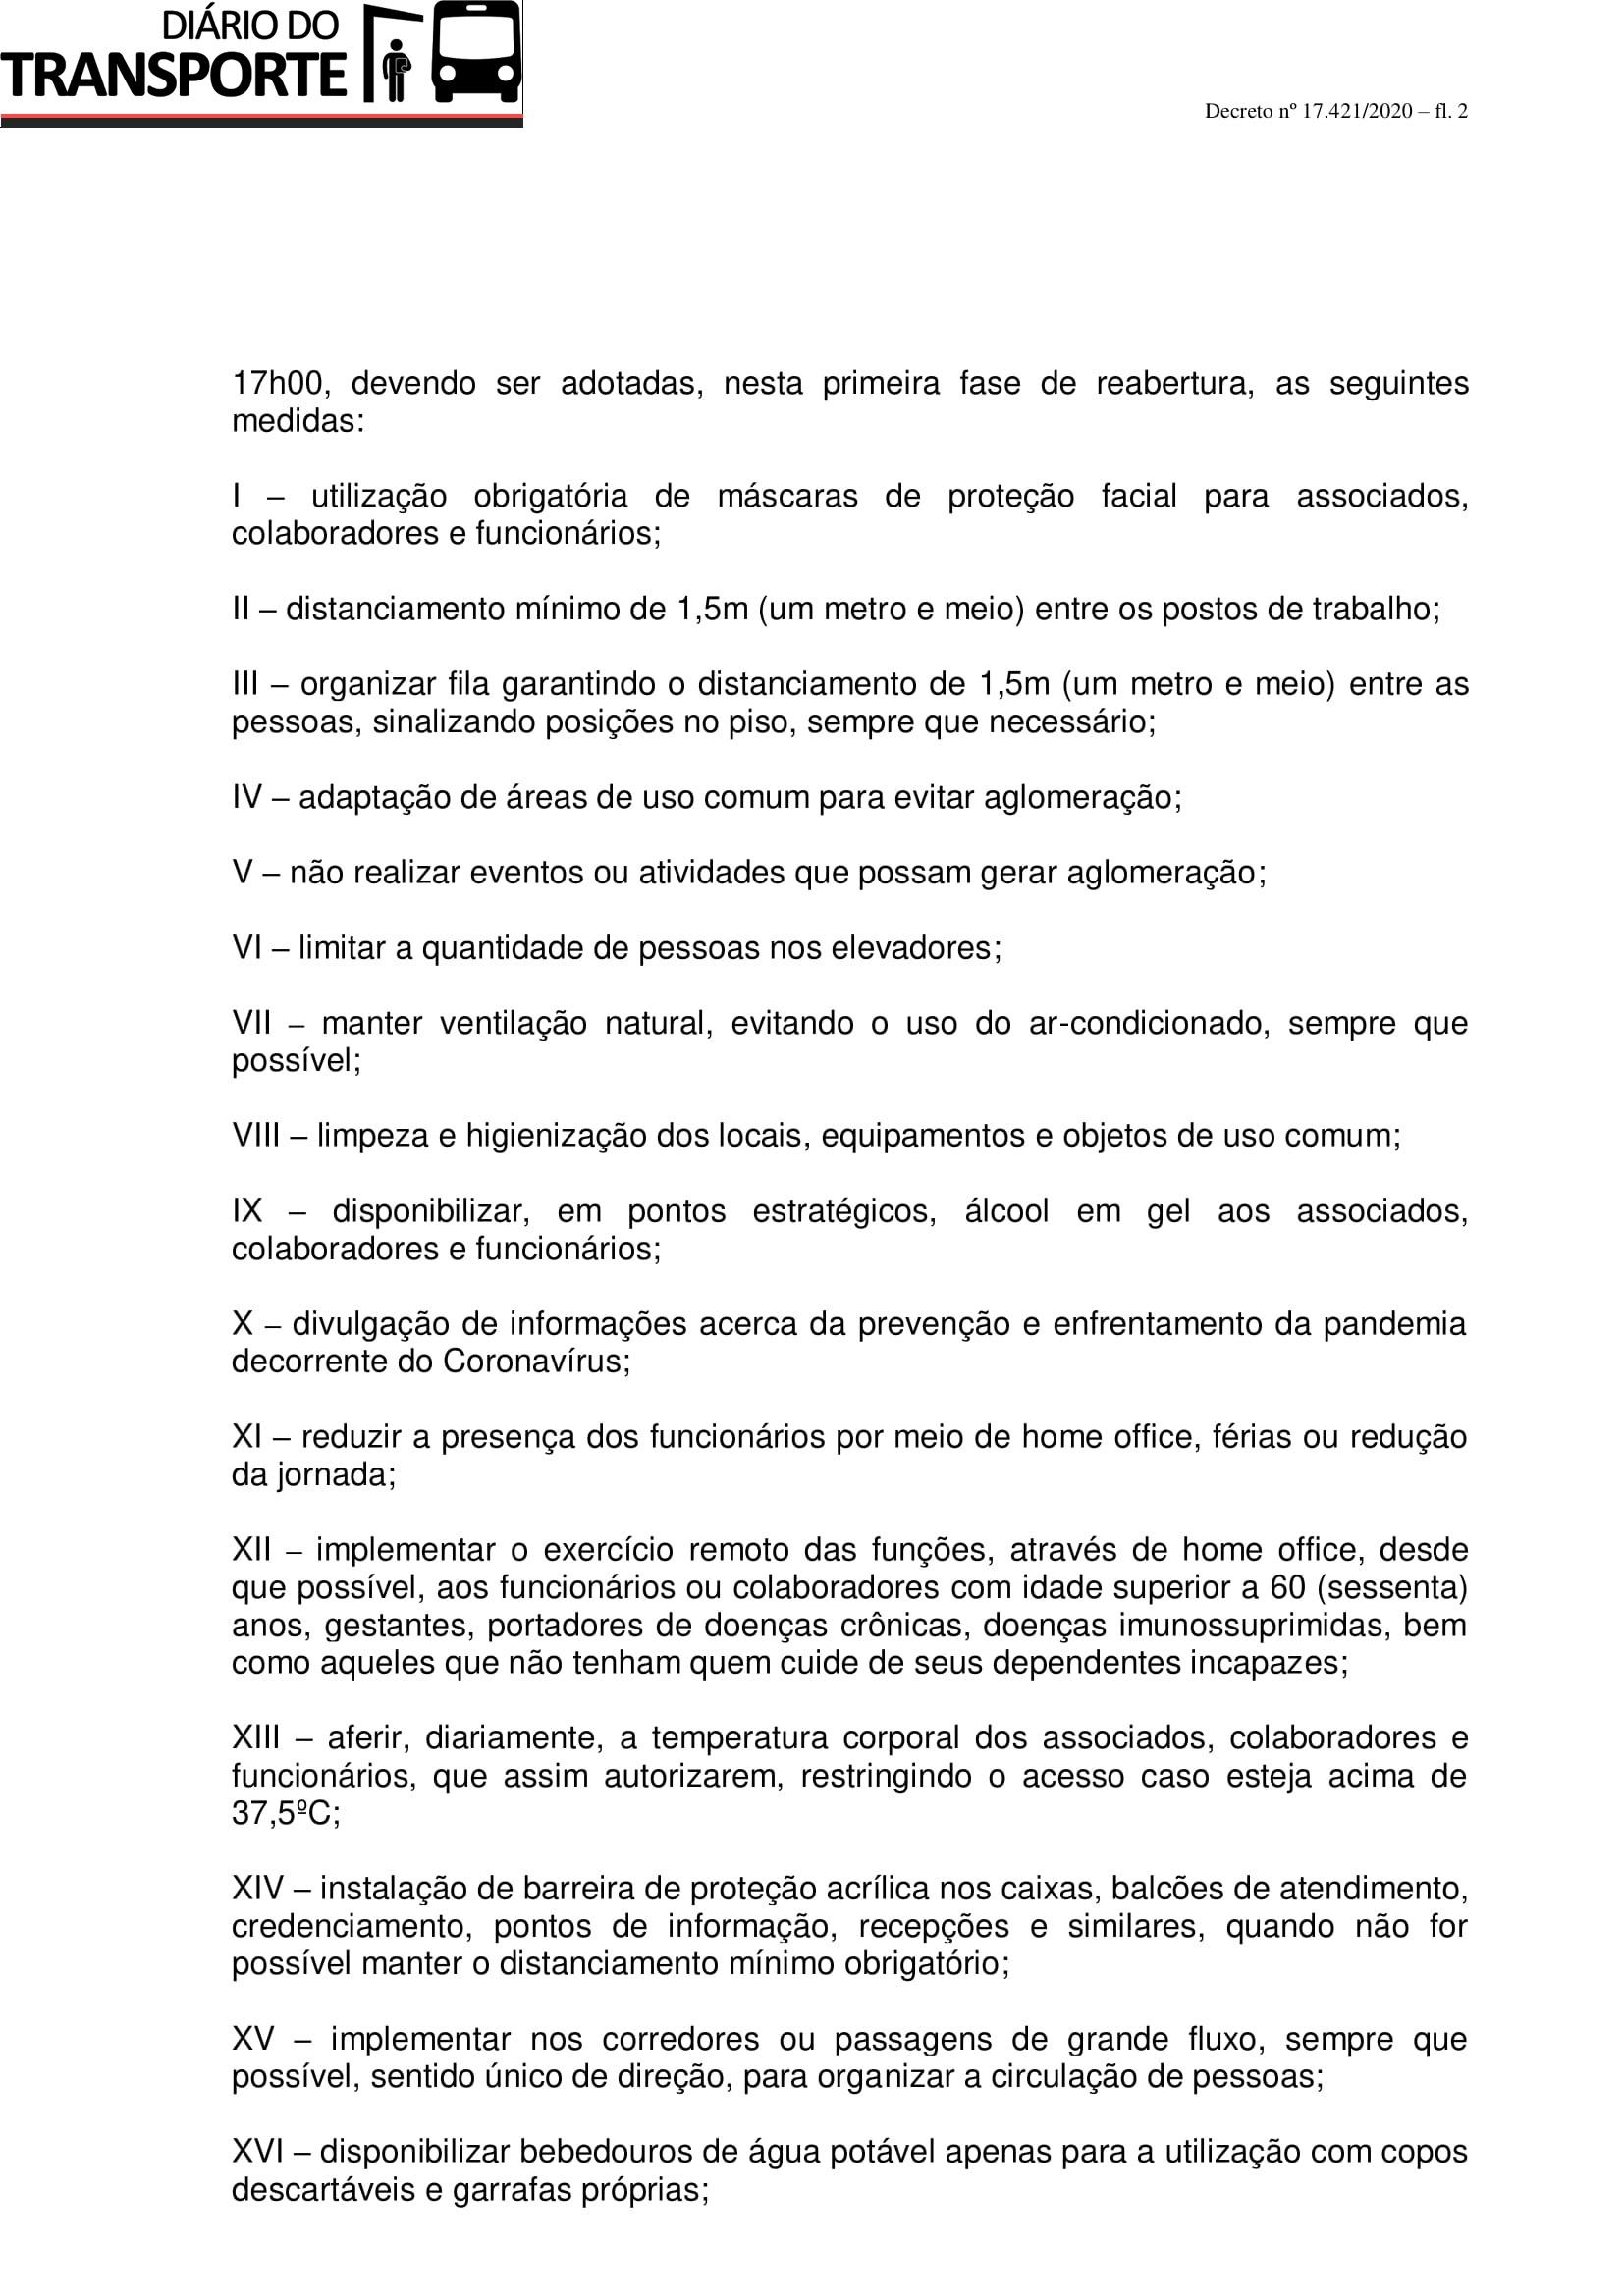 Decreto nº 17.421 (Reabertura gradual e consciente dos clubes sociais)-2